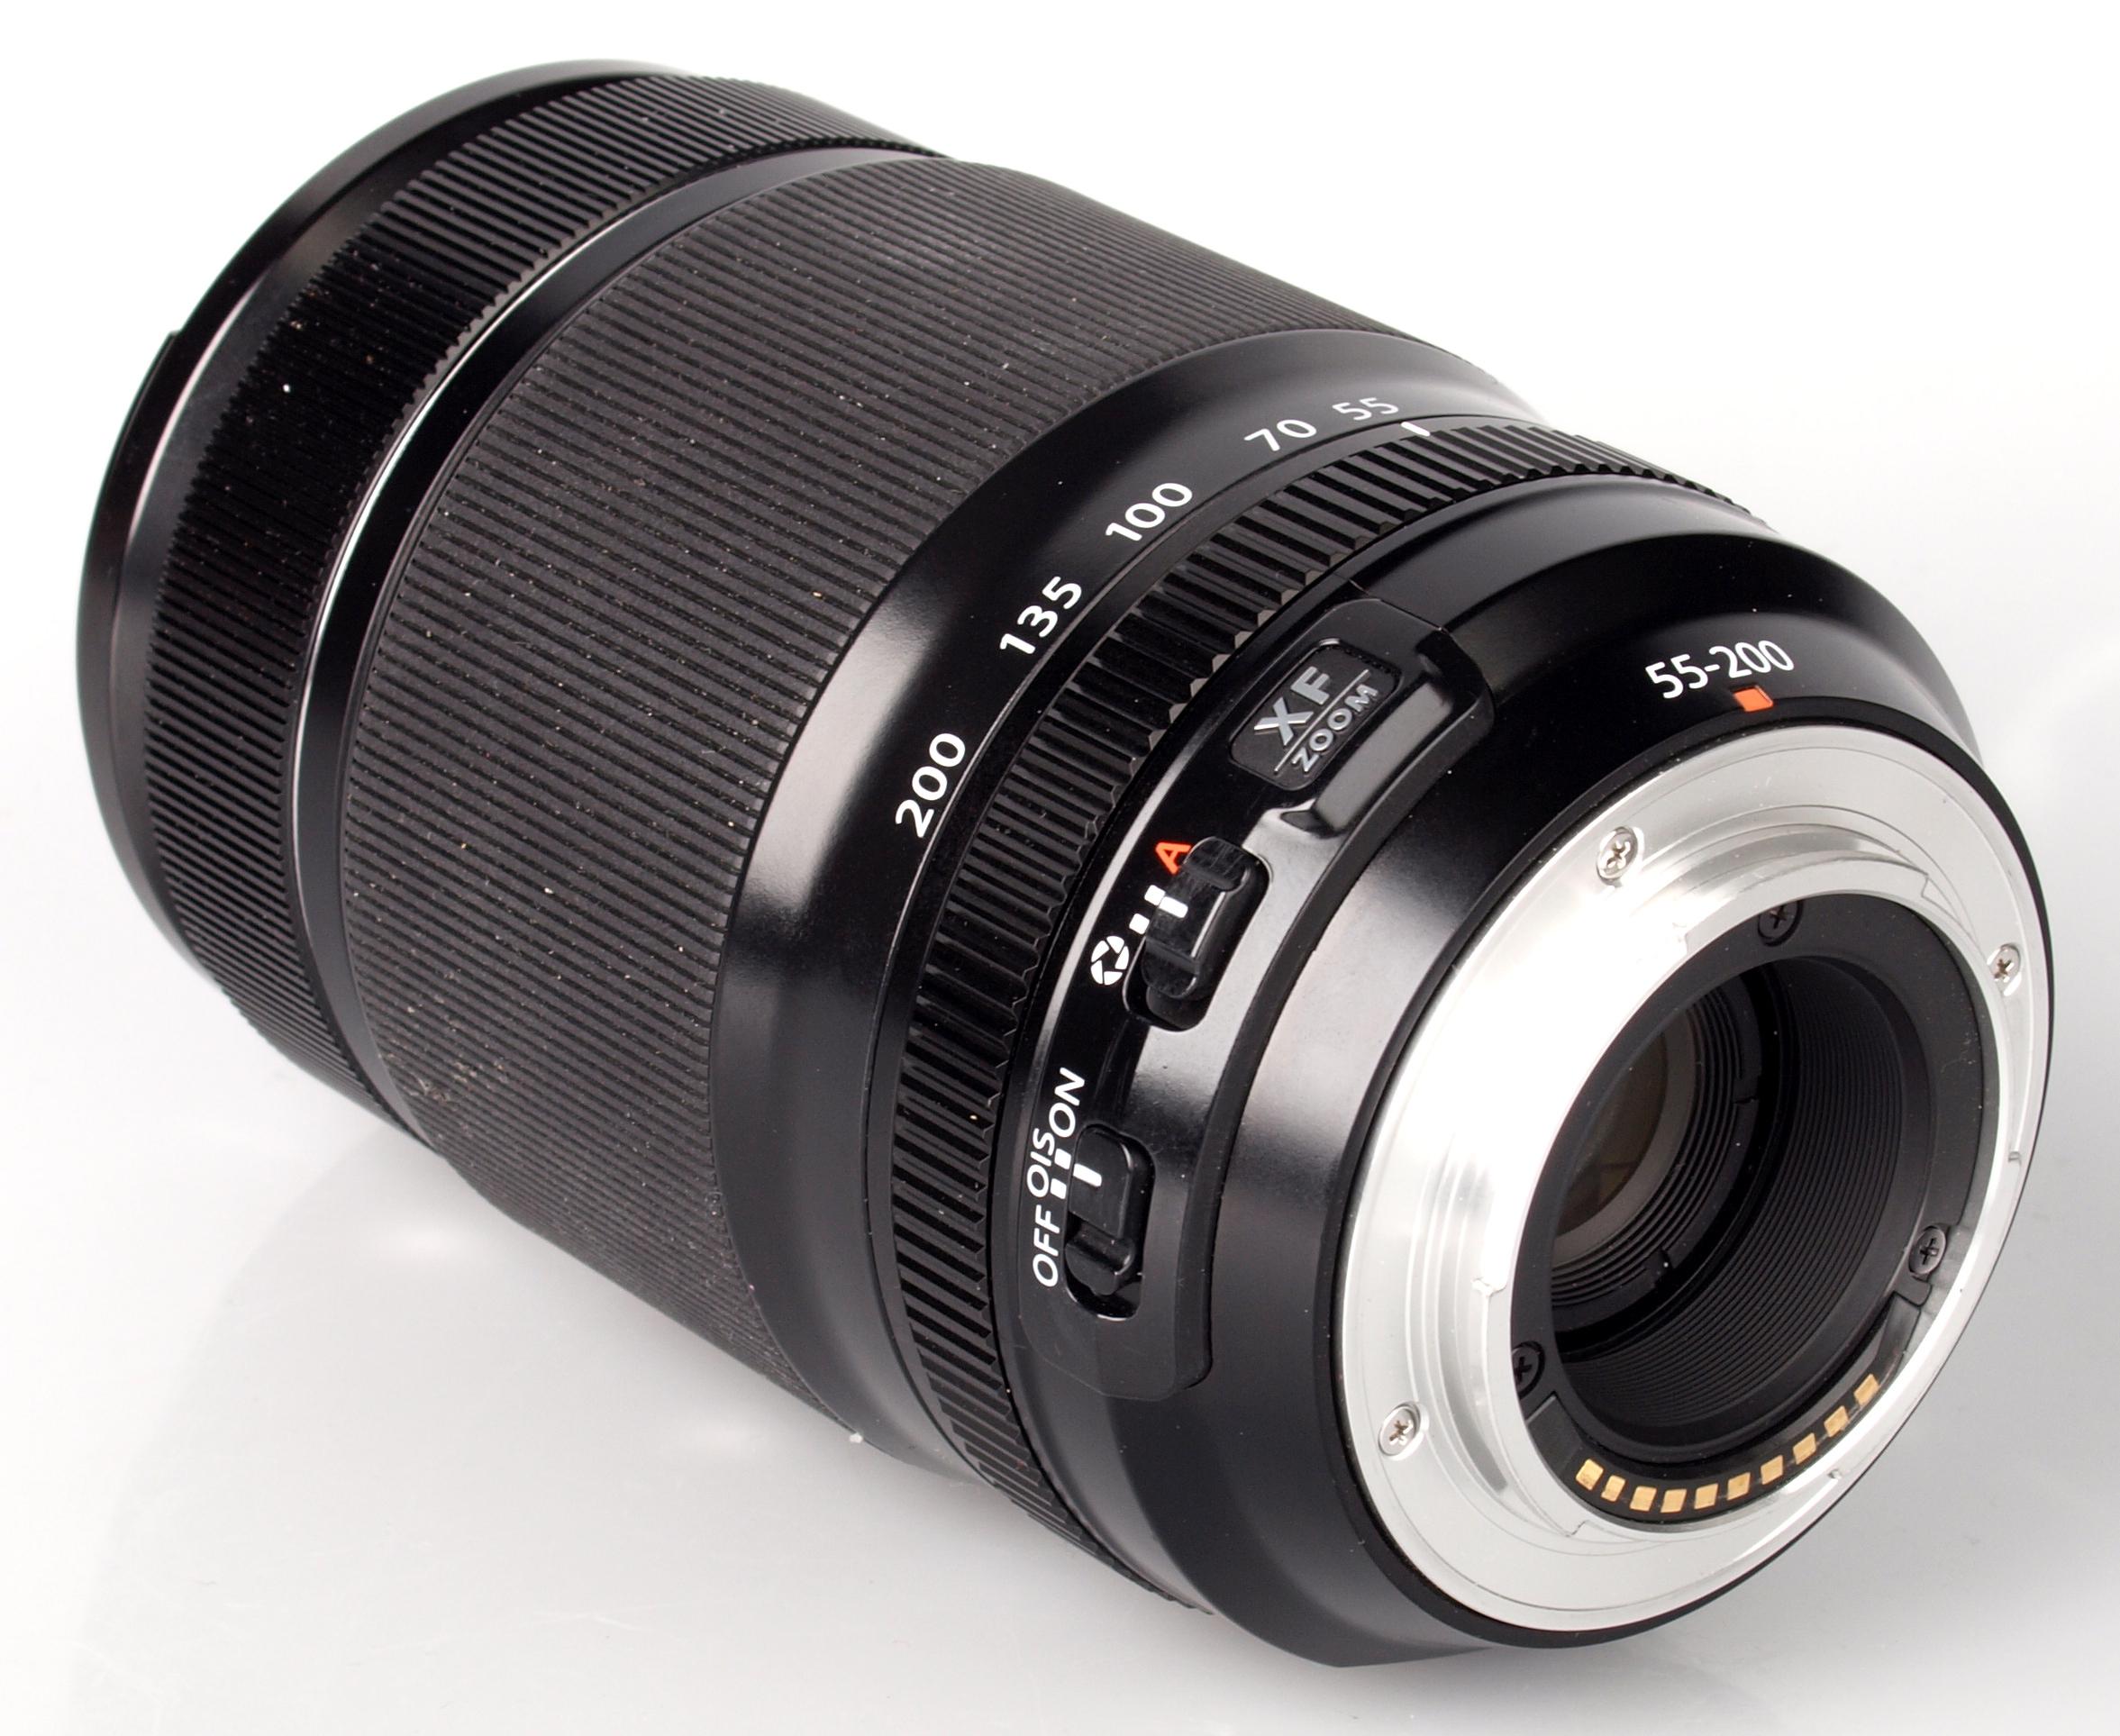 Kết quả hình ảnh cho Fujifilm XF 55-200mm f/3.5-4.8 R LM OIS